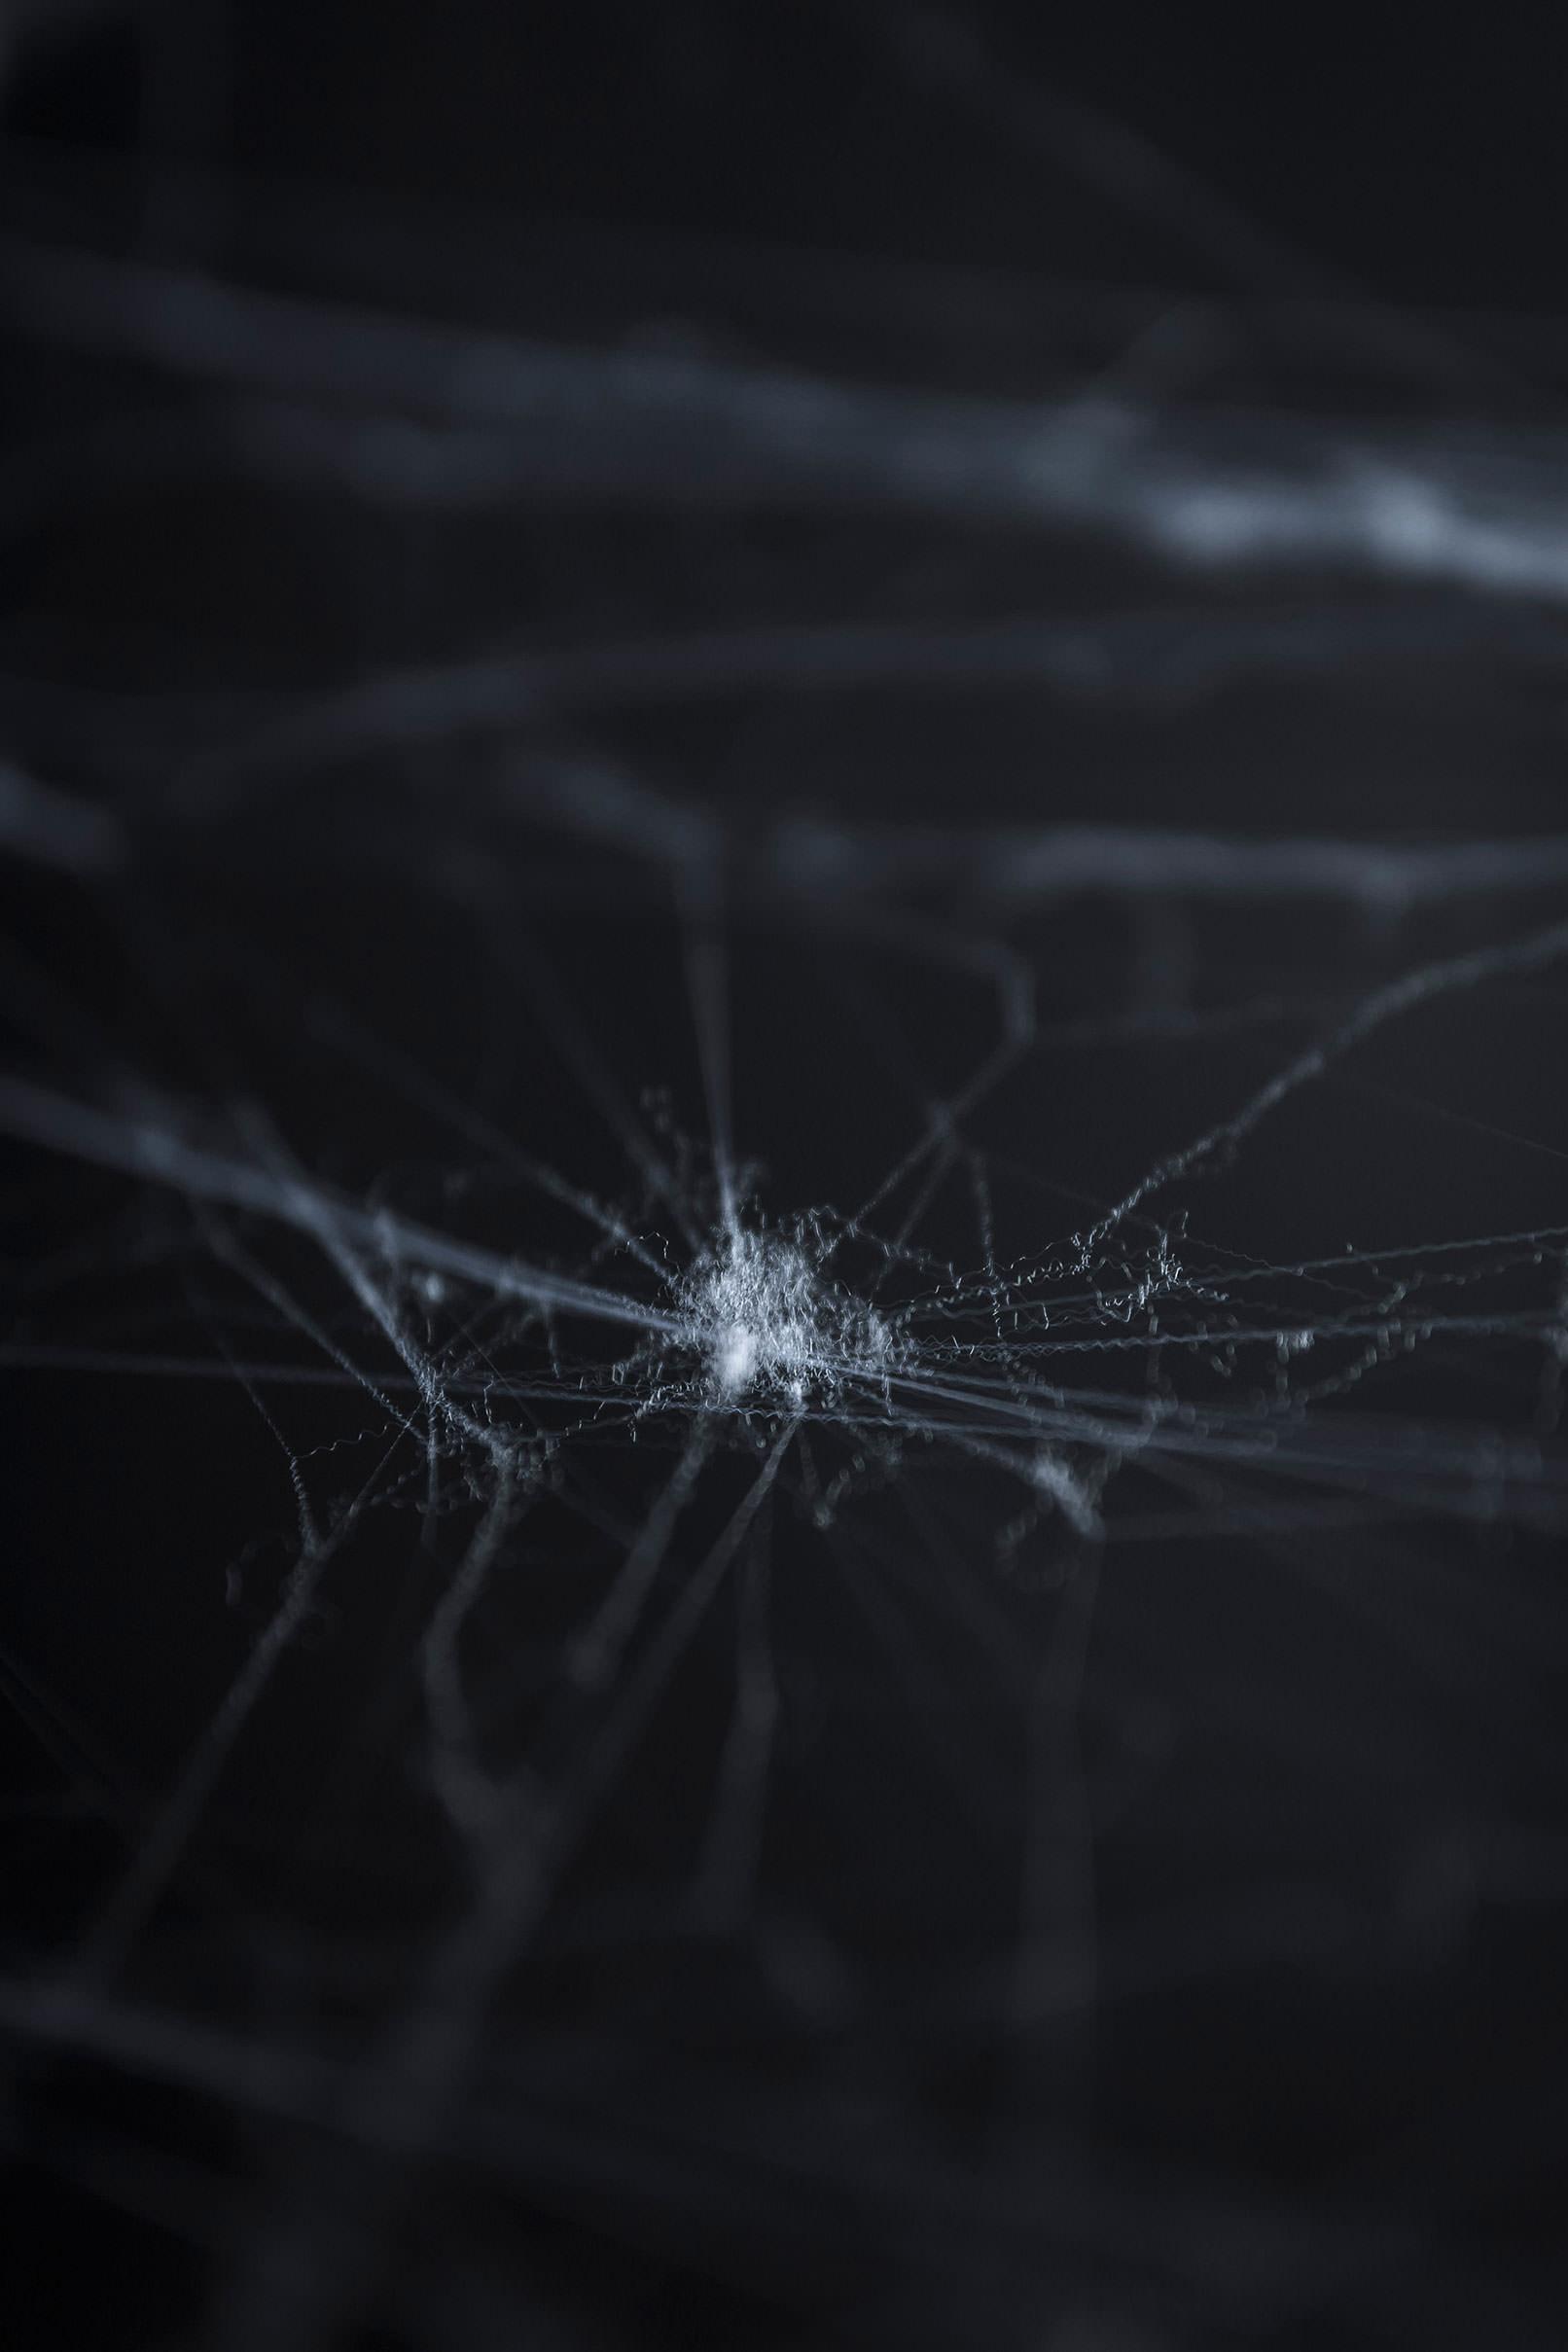 Spinnennetze vor schwarzem Hintergrund